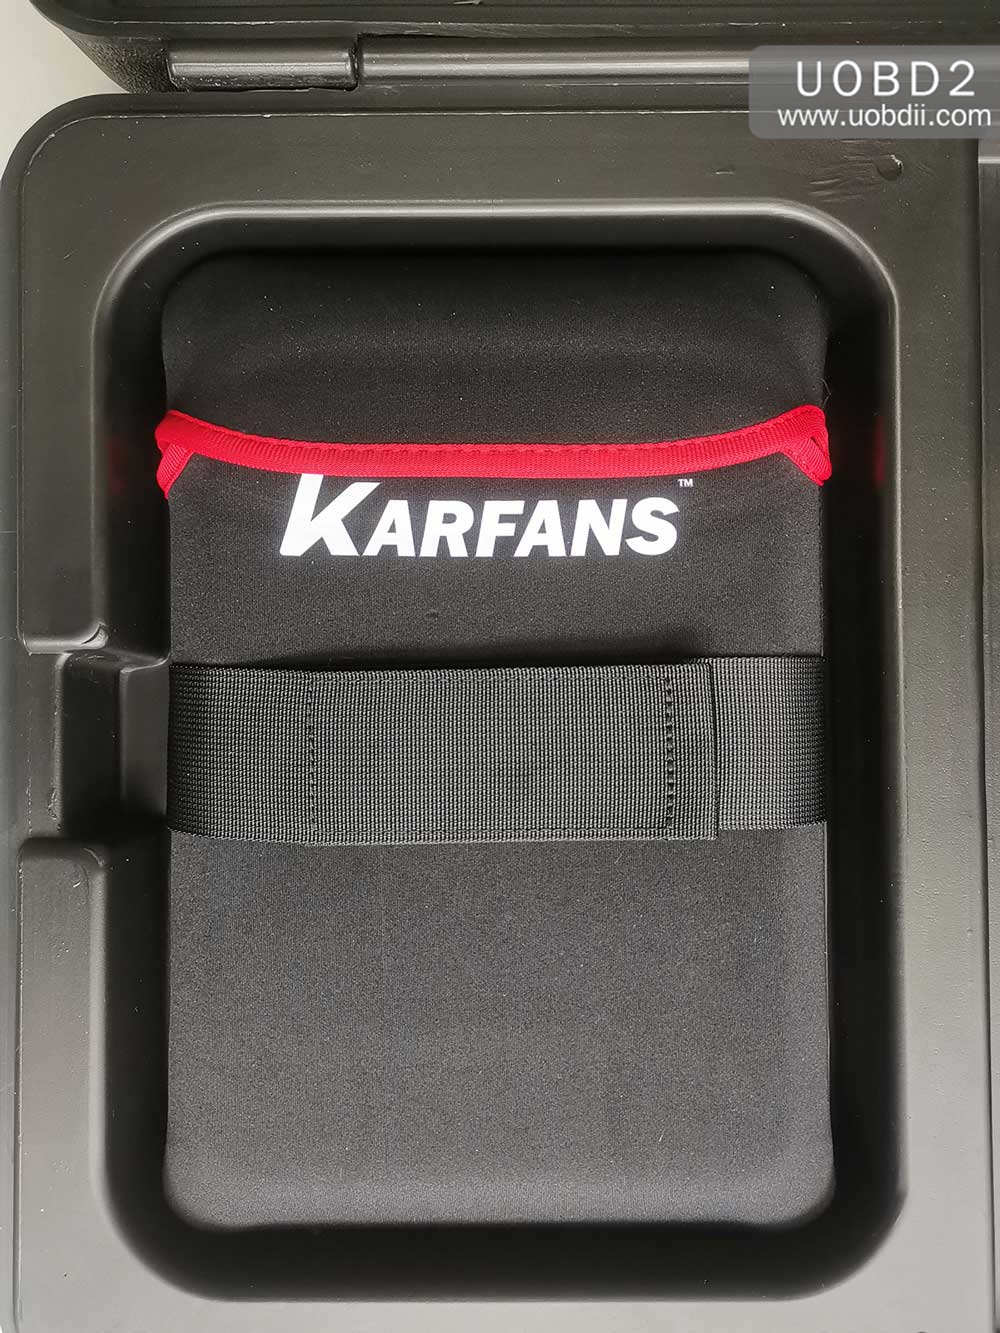 karfans-c800-plus-user-manual-04